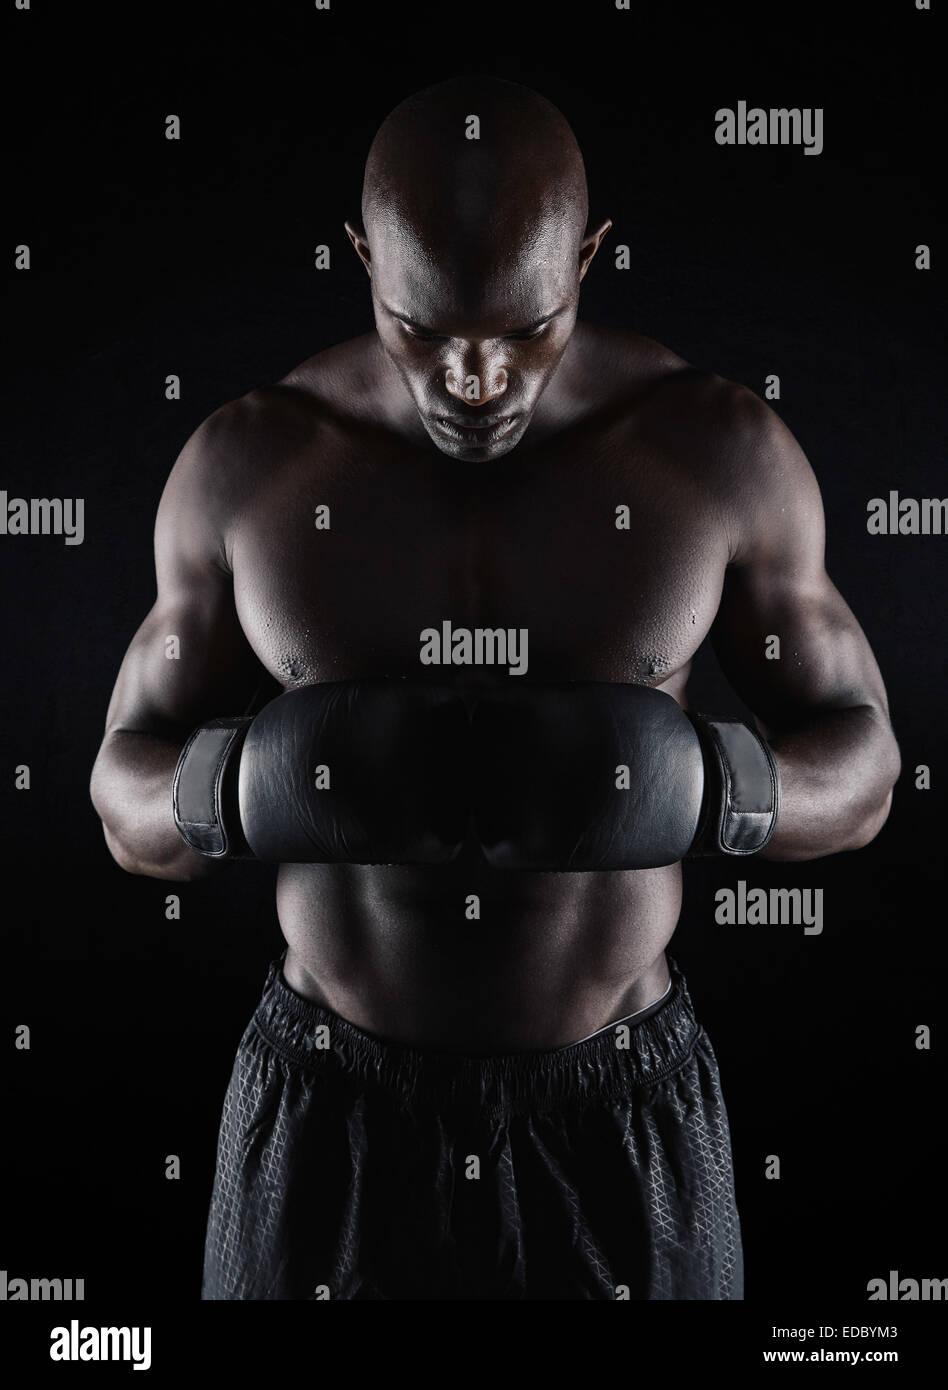 Retrato de colocar joven llevando guantes boxeo mirando hacia abajo sobre fondo negro. El boxeador se preparan para Imagen De Stock